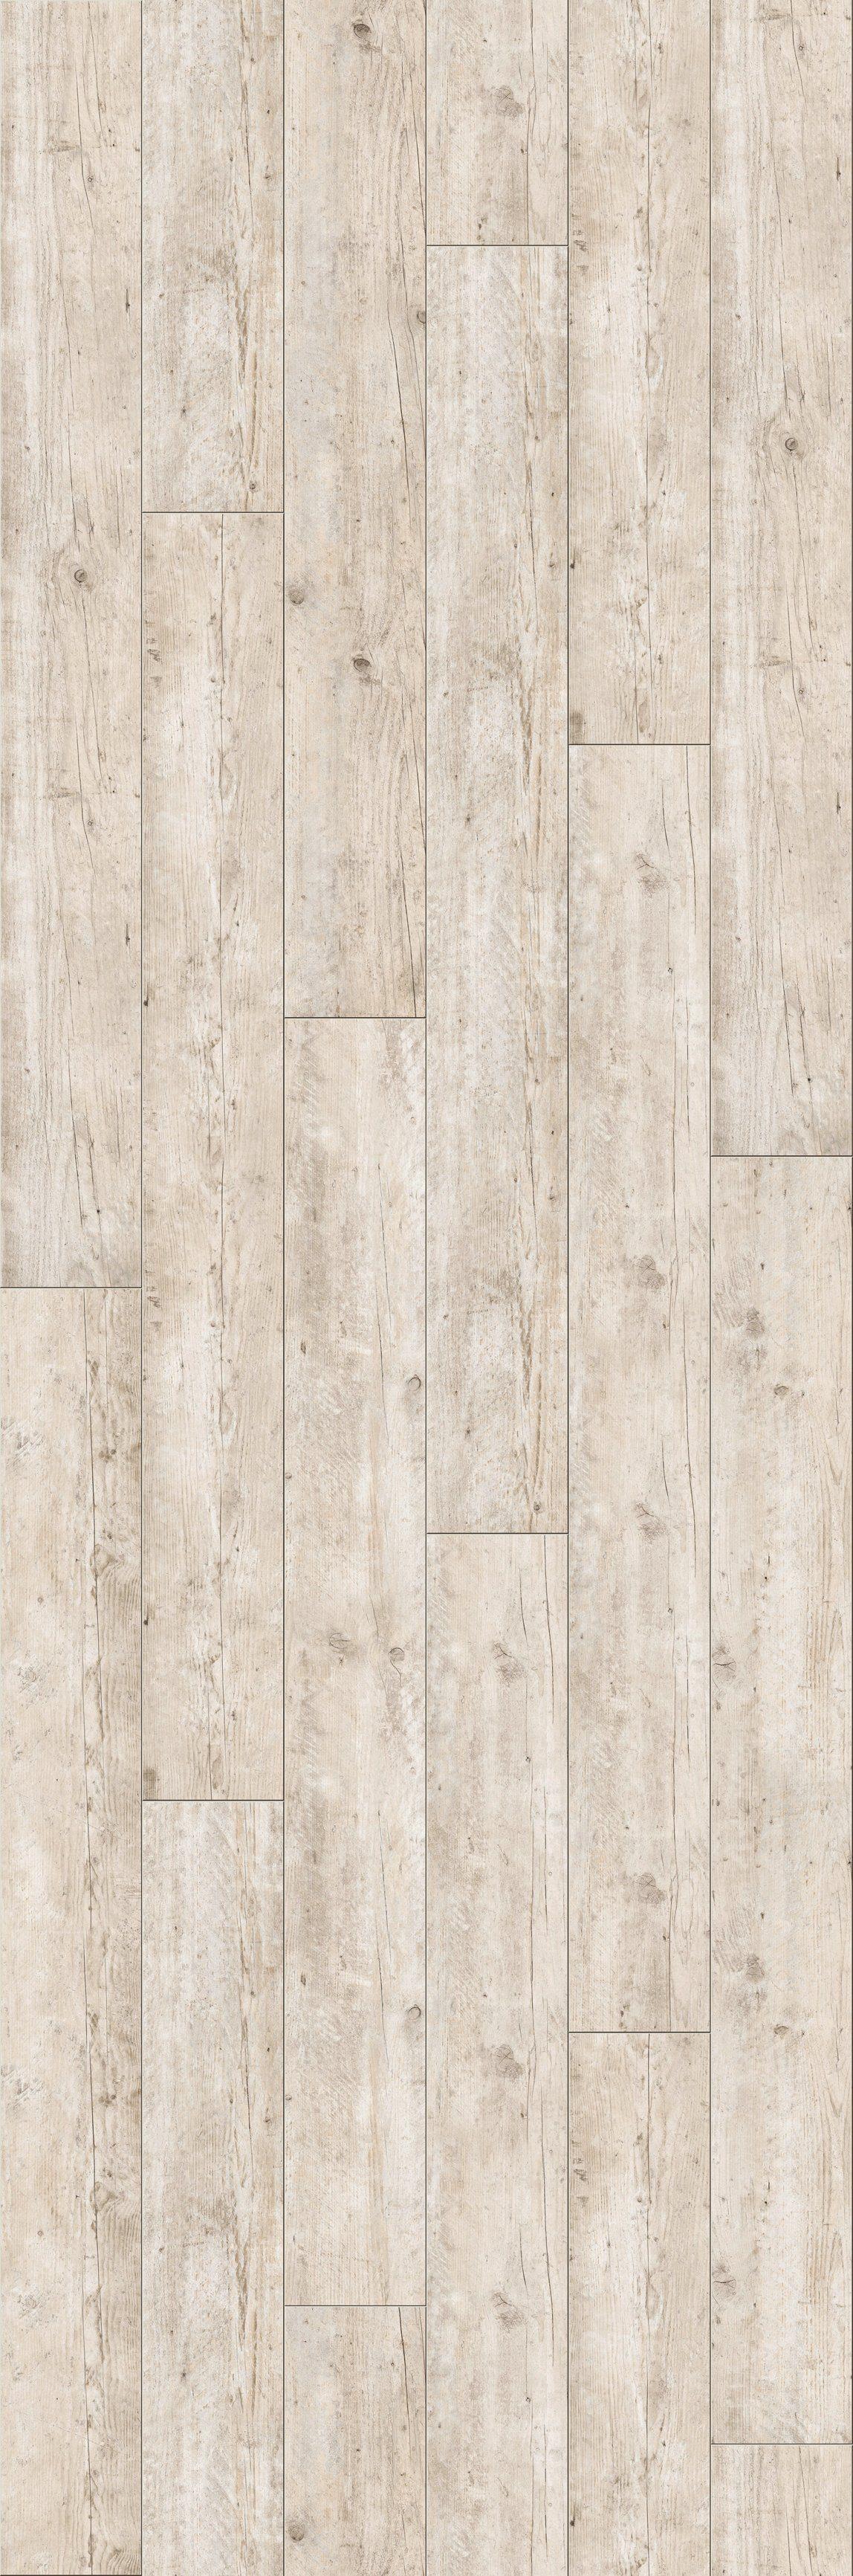 PARADOR Laminat »Trendtime 6 - 4V Bauholz«, 2200 x 243 mm, Stärke: 9 mm